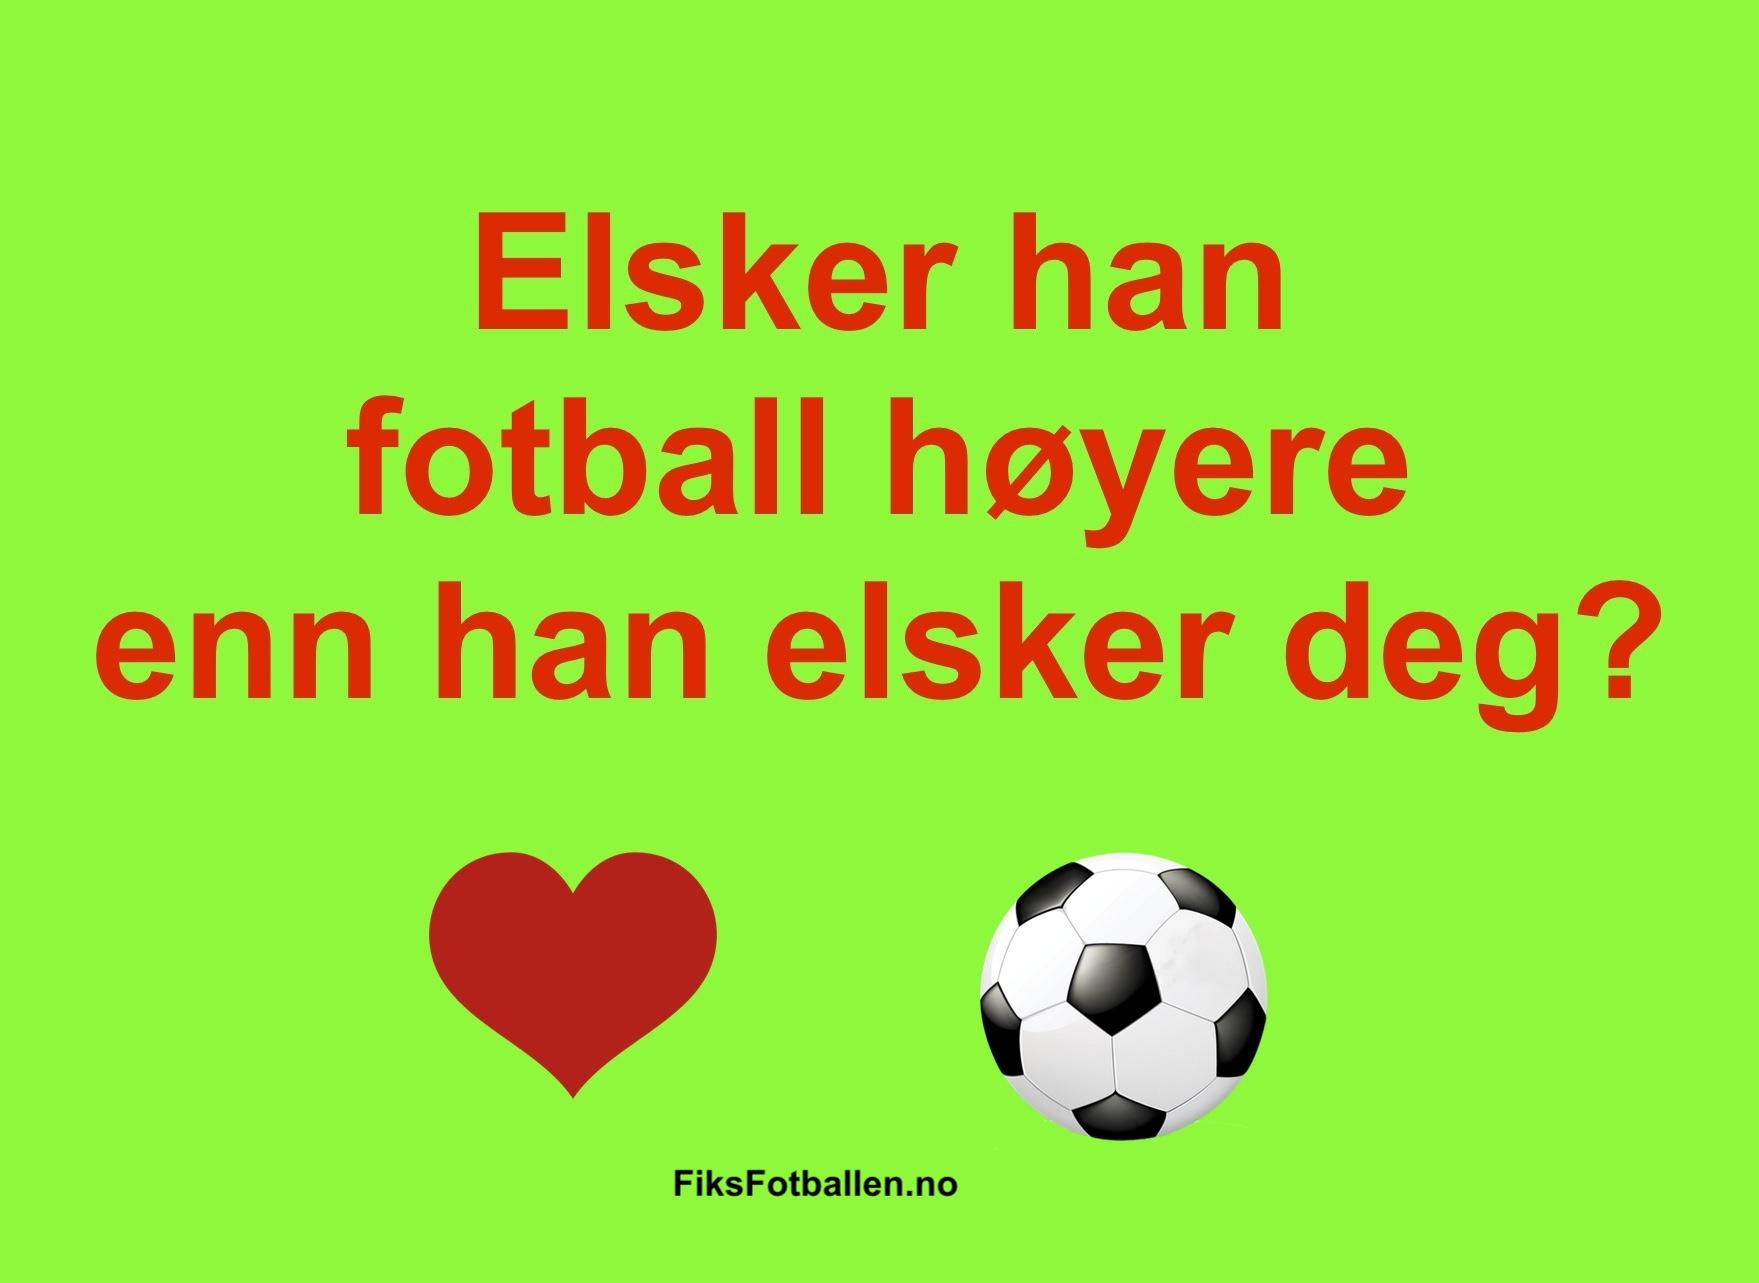 Elsker han fotball høyere enn han elsker deg?